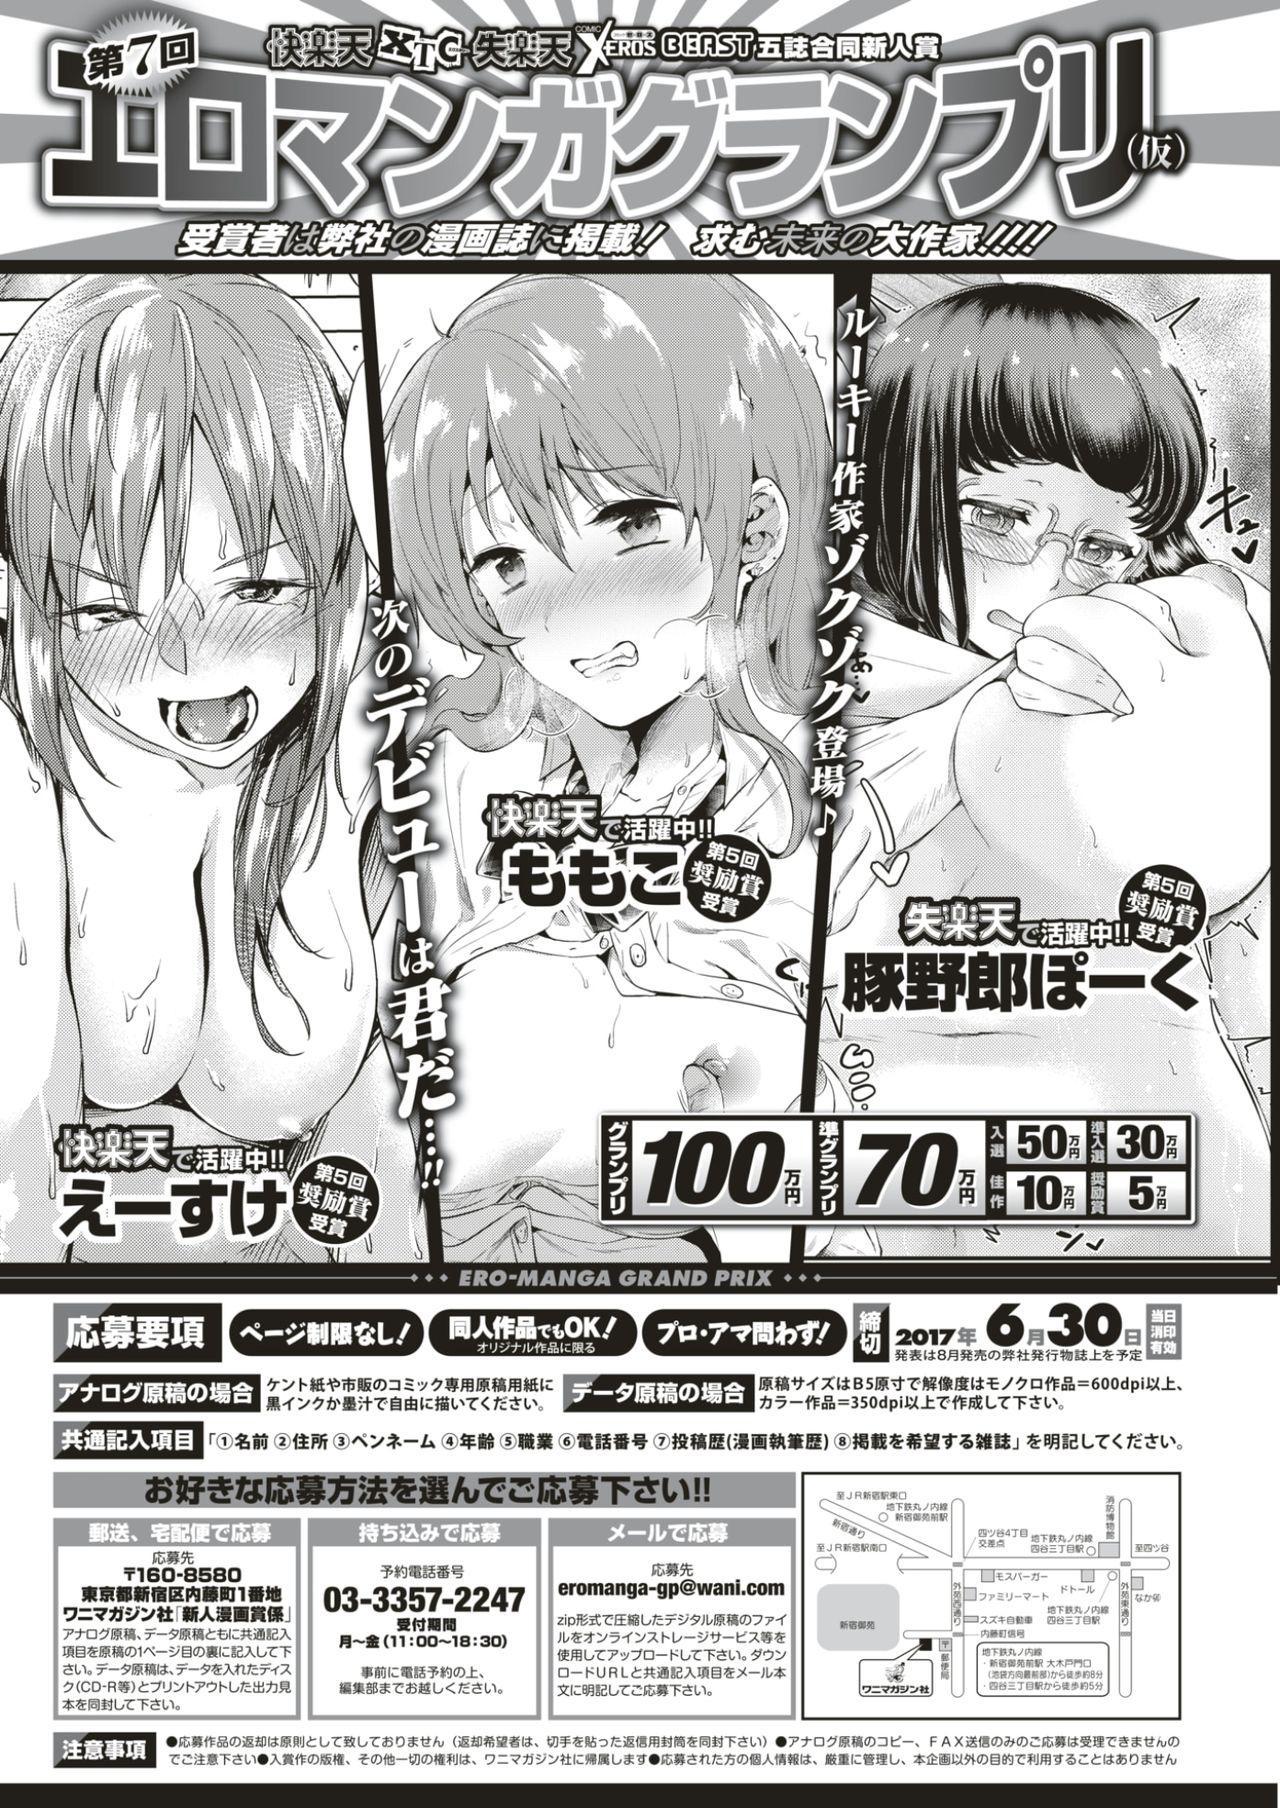 COMIC Kairakuten BEAST 2017-05 364